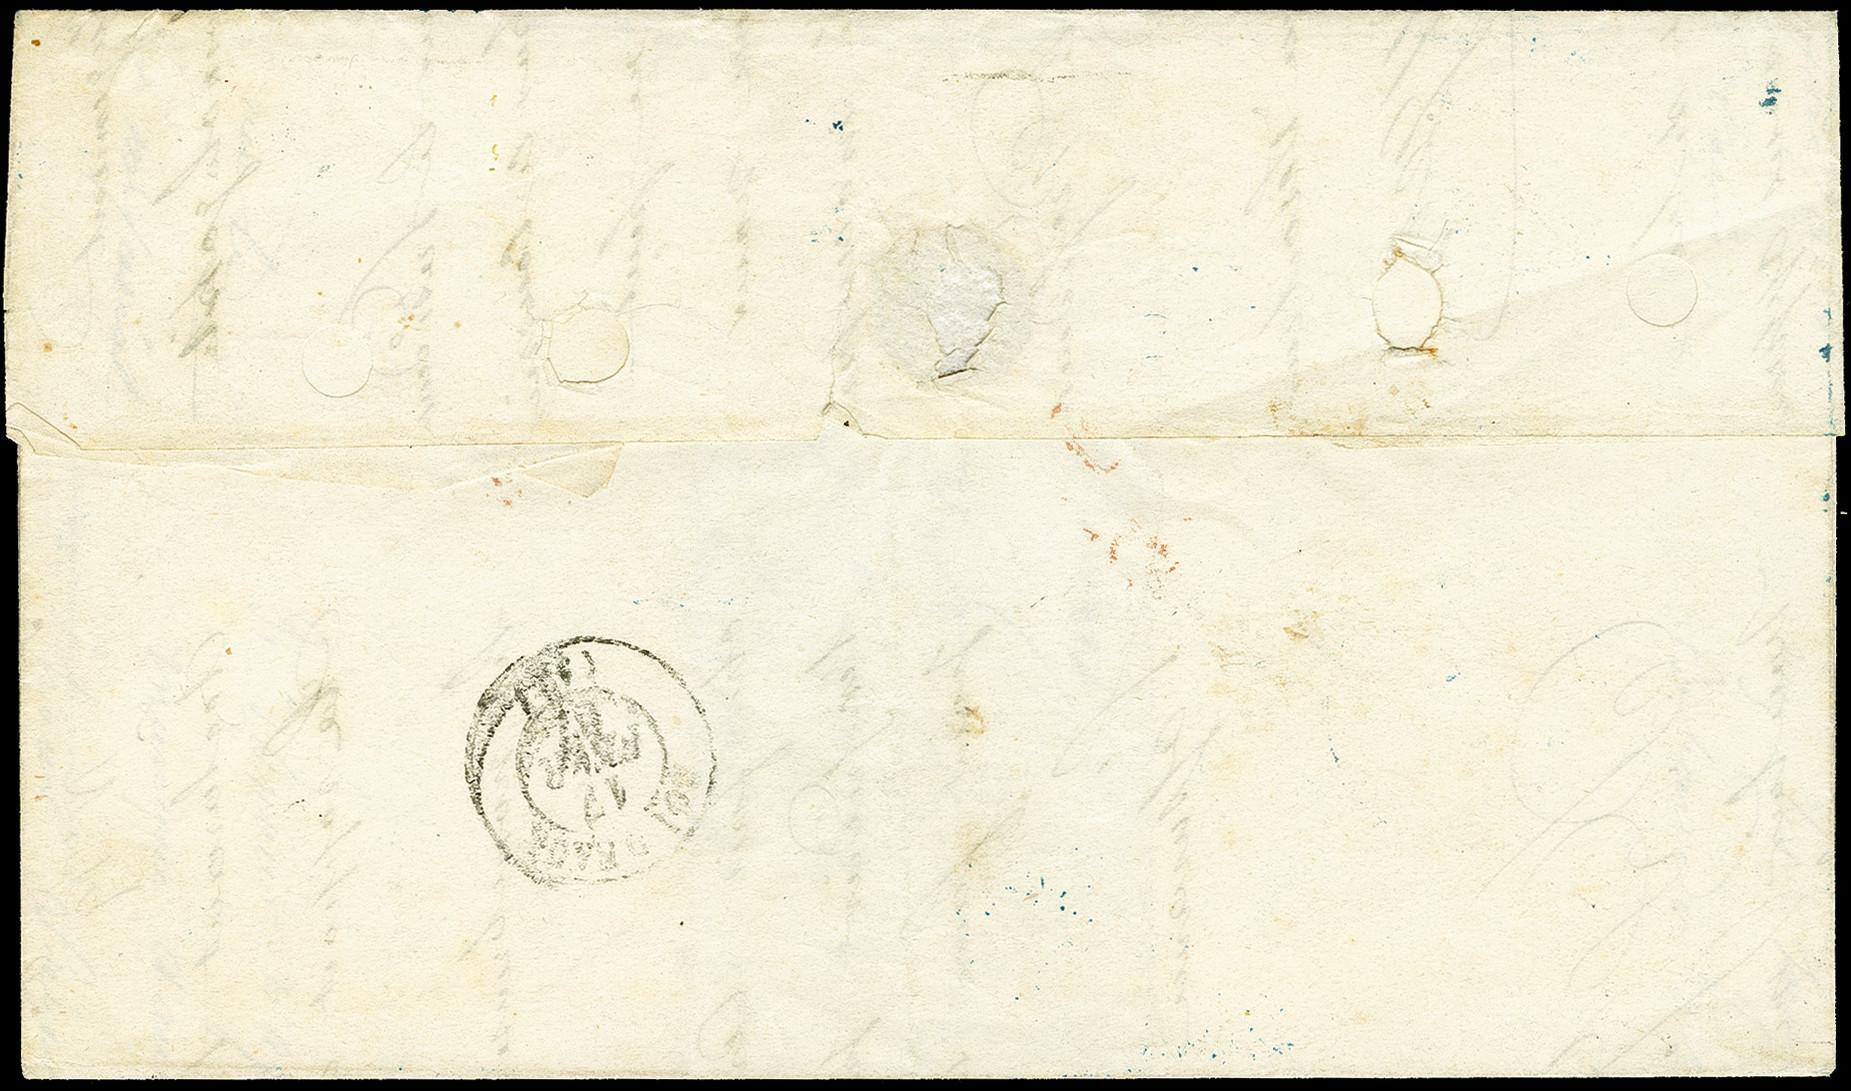 Lot 1339 - französische kolonien French Colonies - General Issues -  Heinrich Koehler Auktionen 375rd Heinrich Köhler auction - Day 1